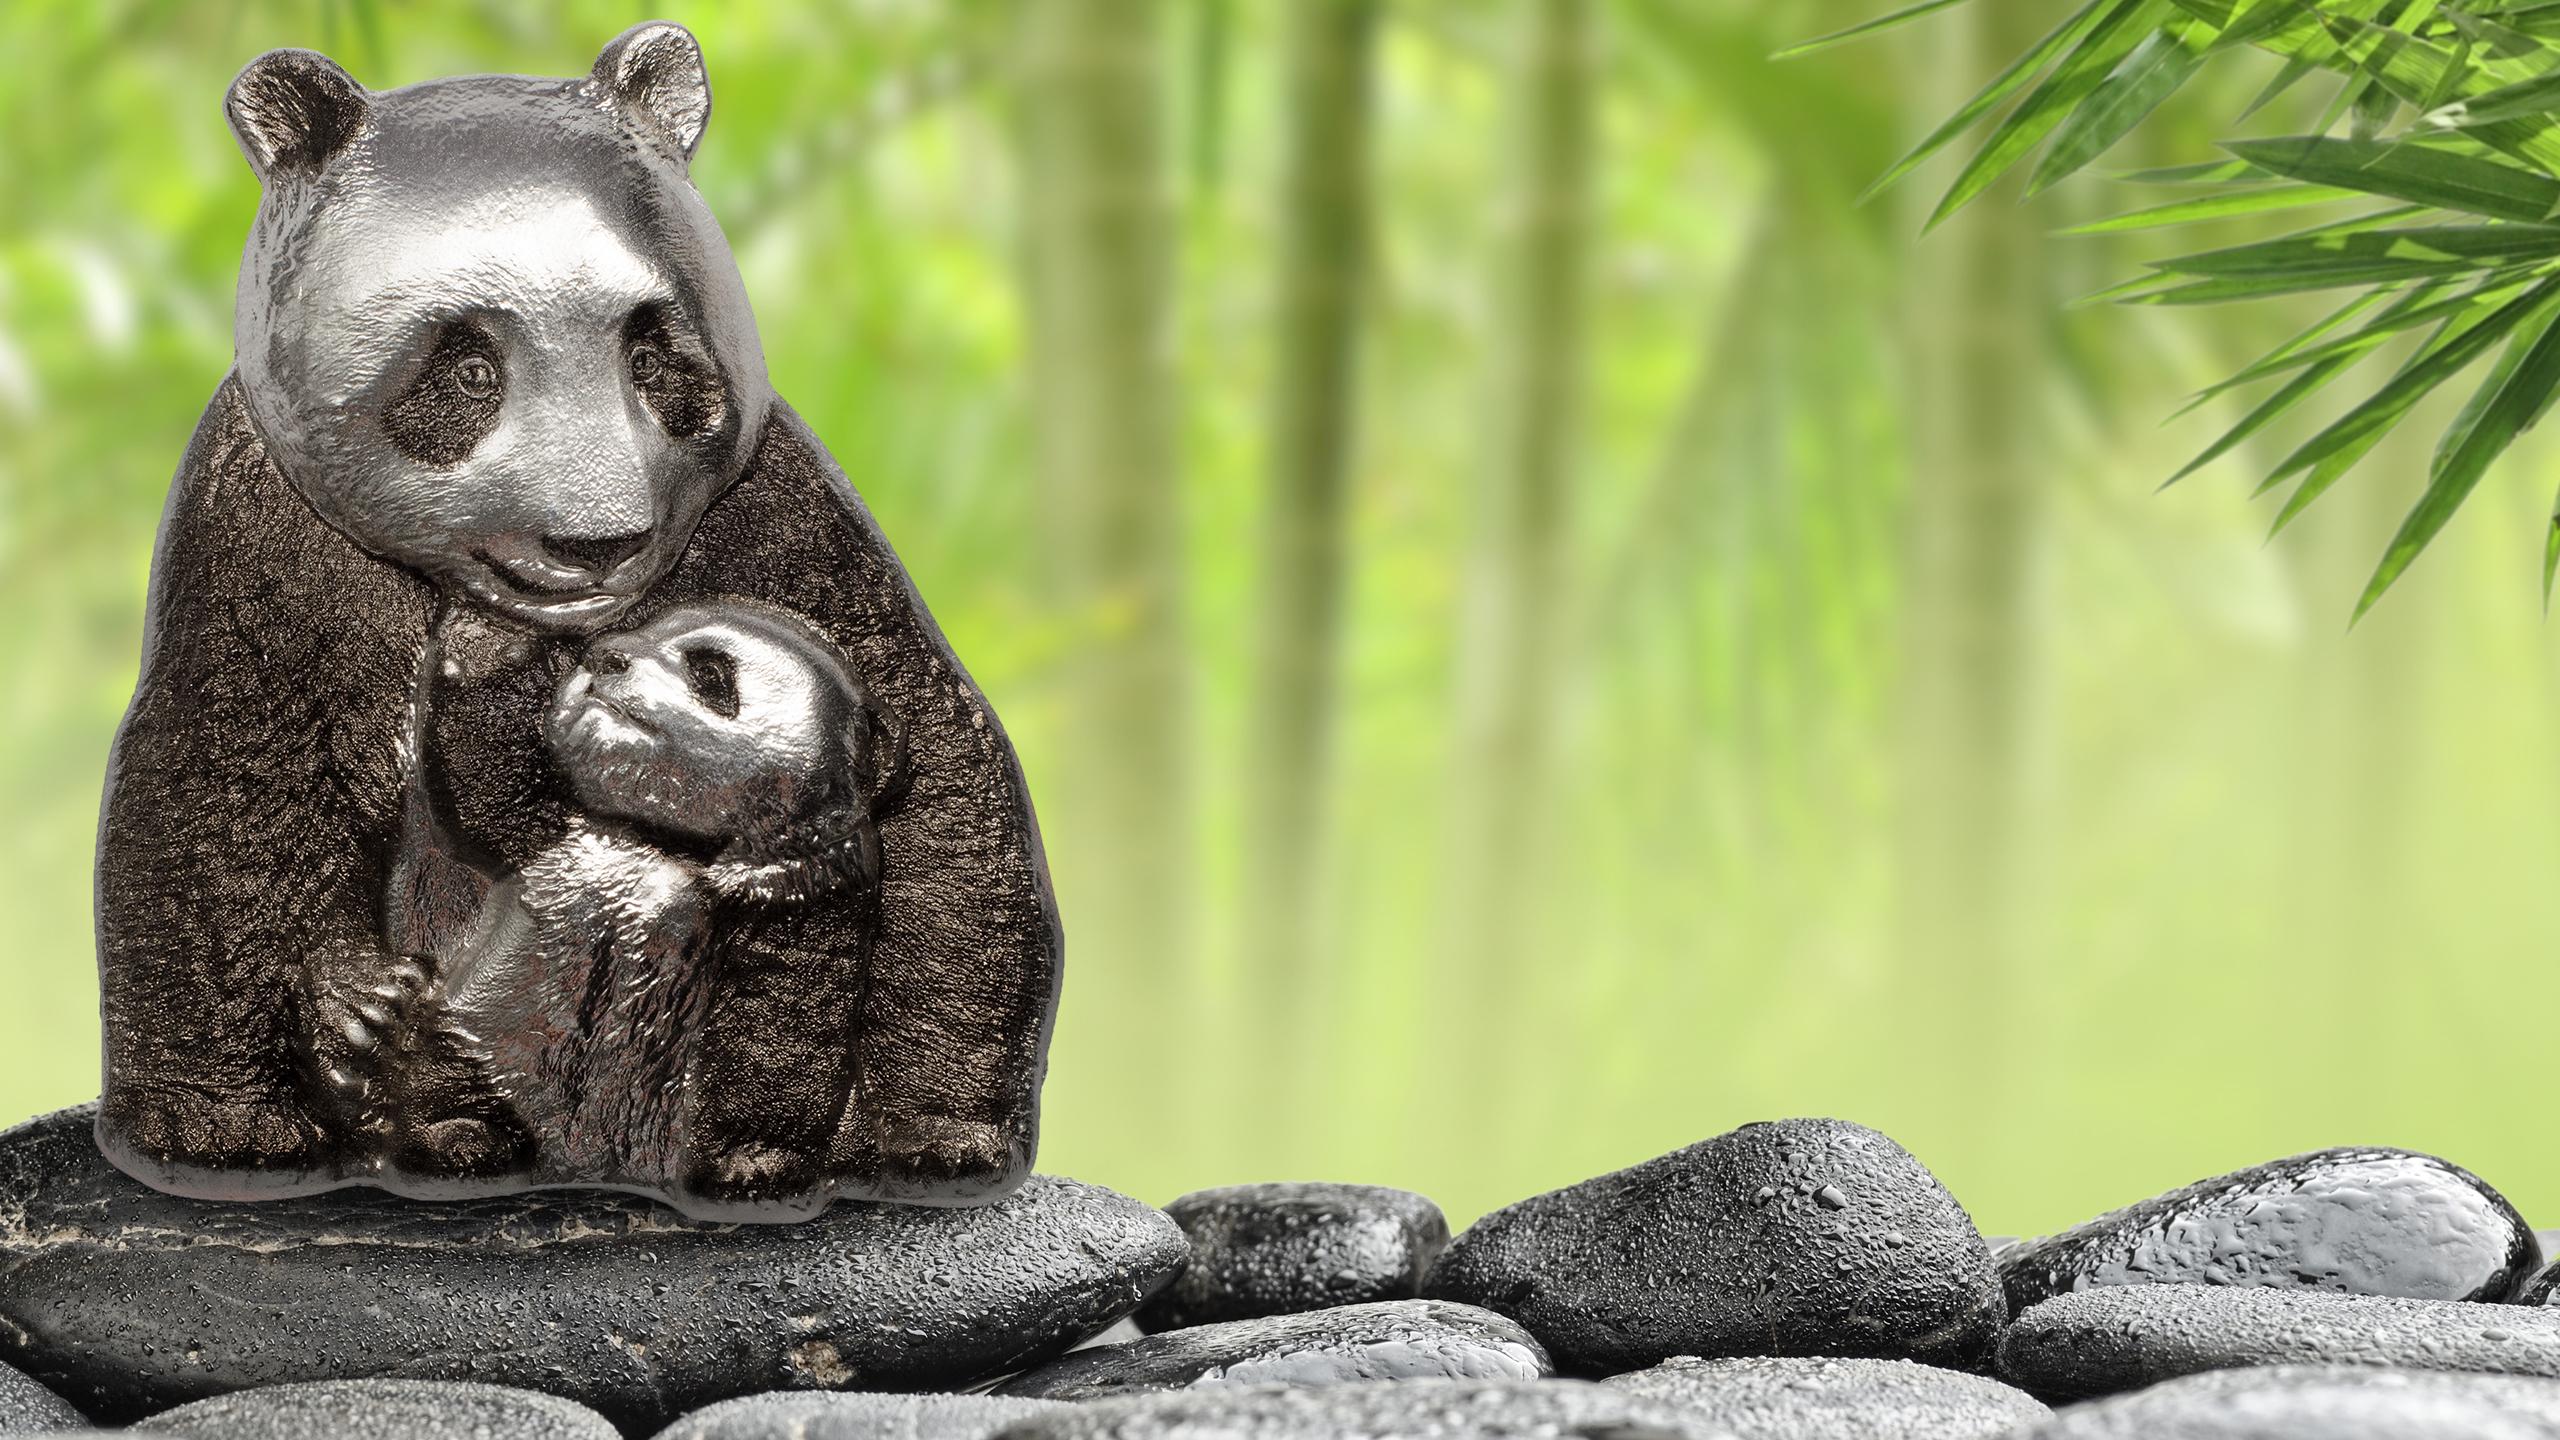 The Lucky Panda